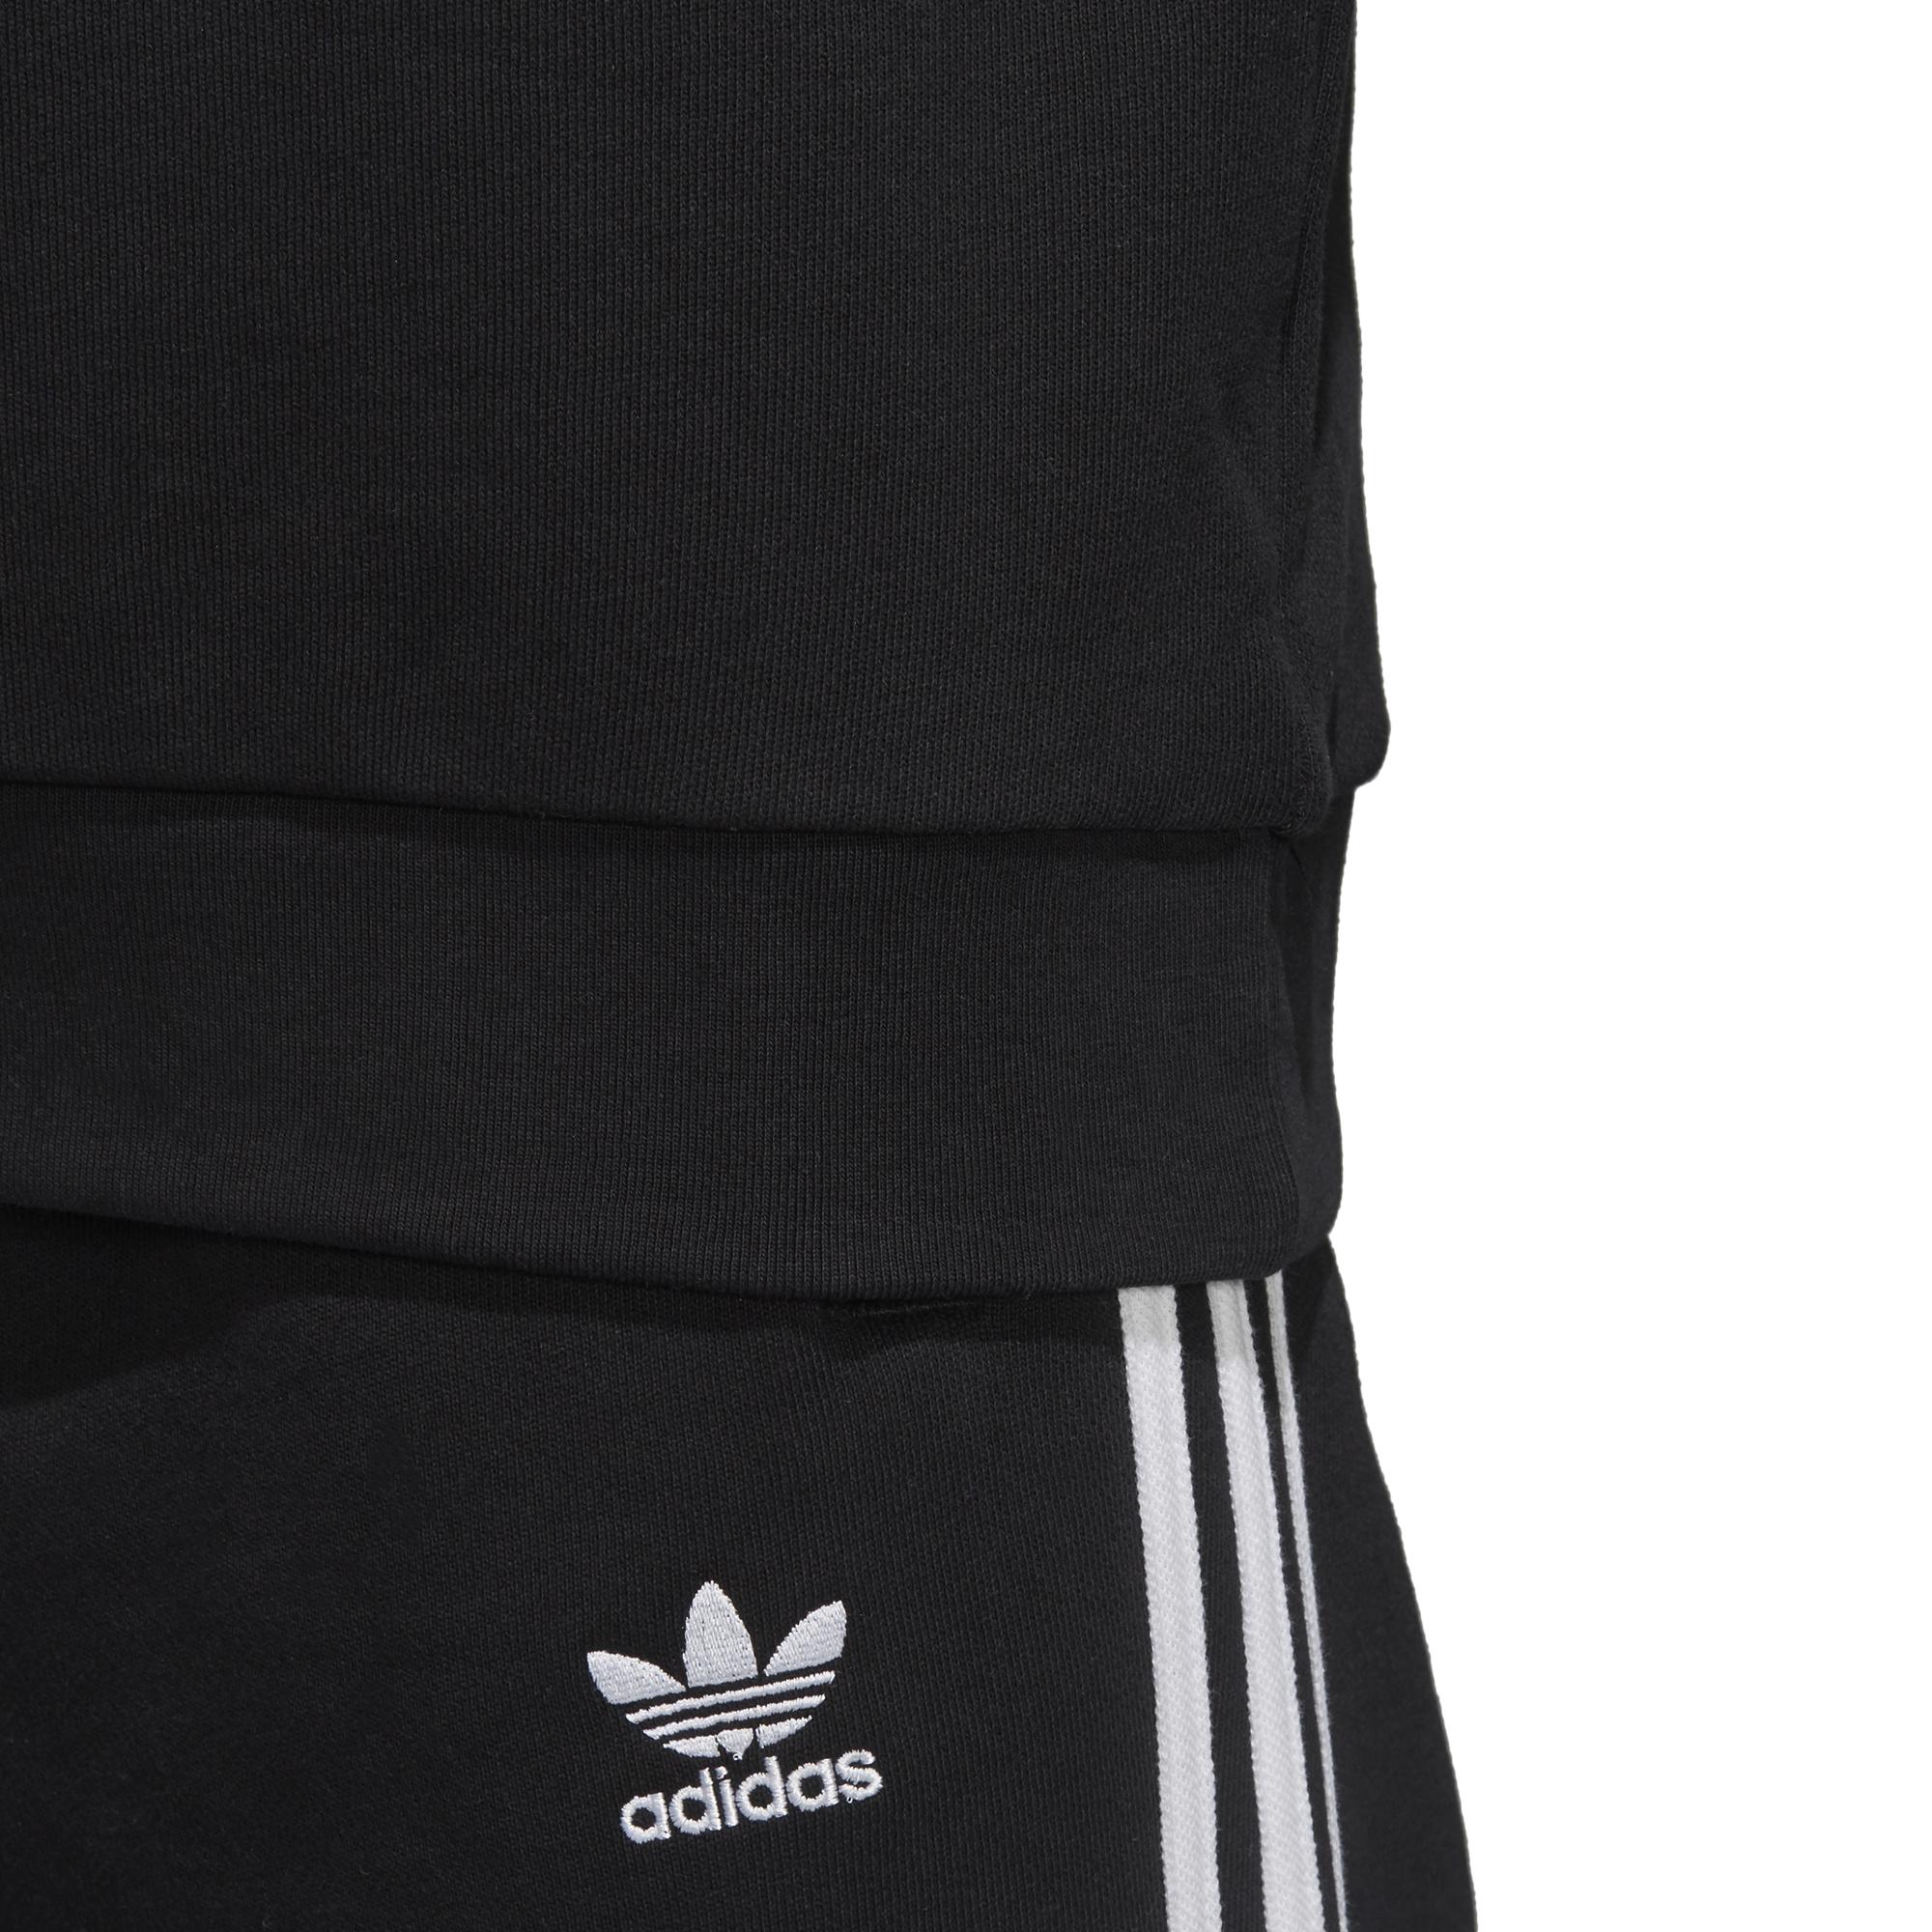 Bluza adidas Trefoil Warm Up CW1235 # XL Ceny i opinie